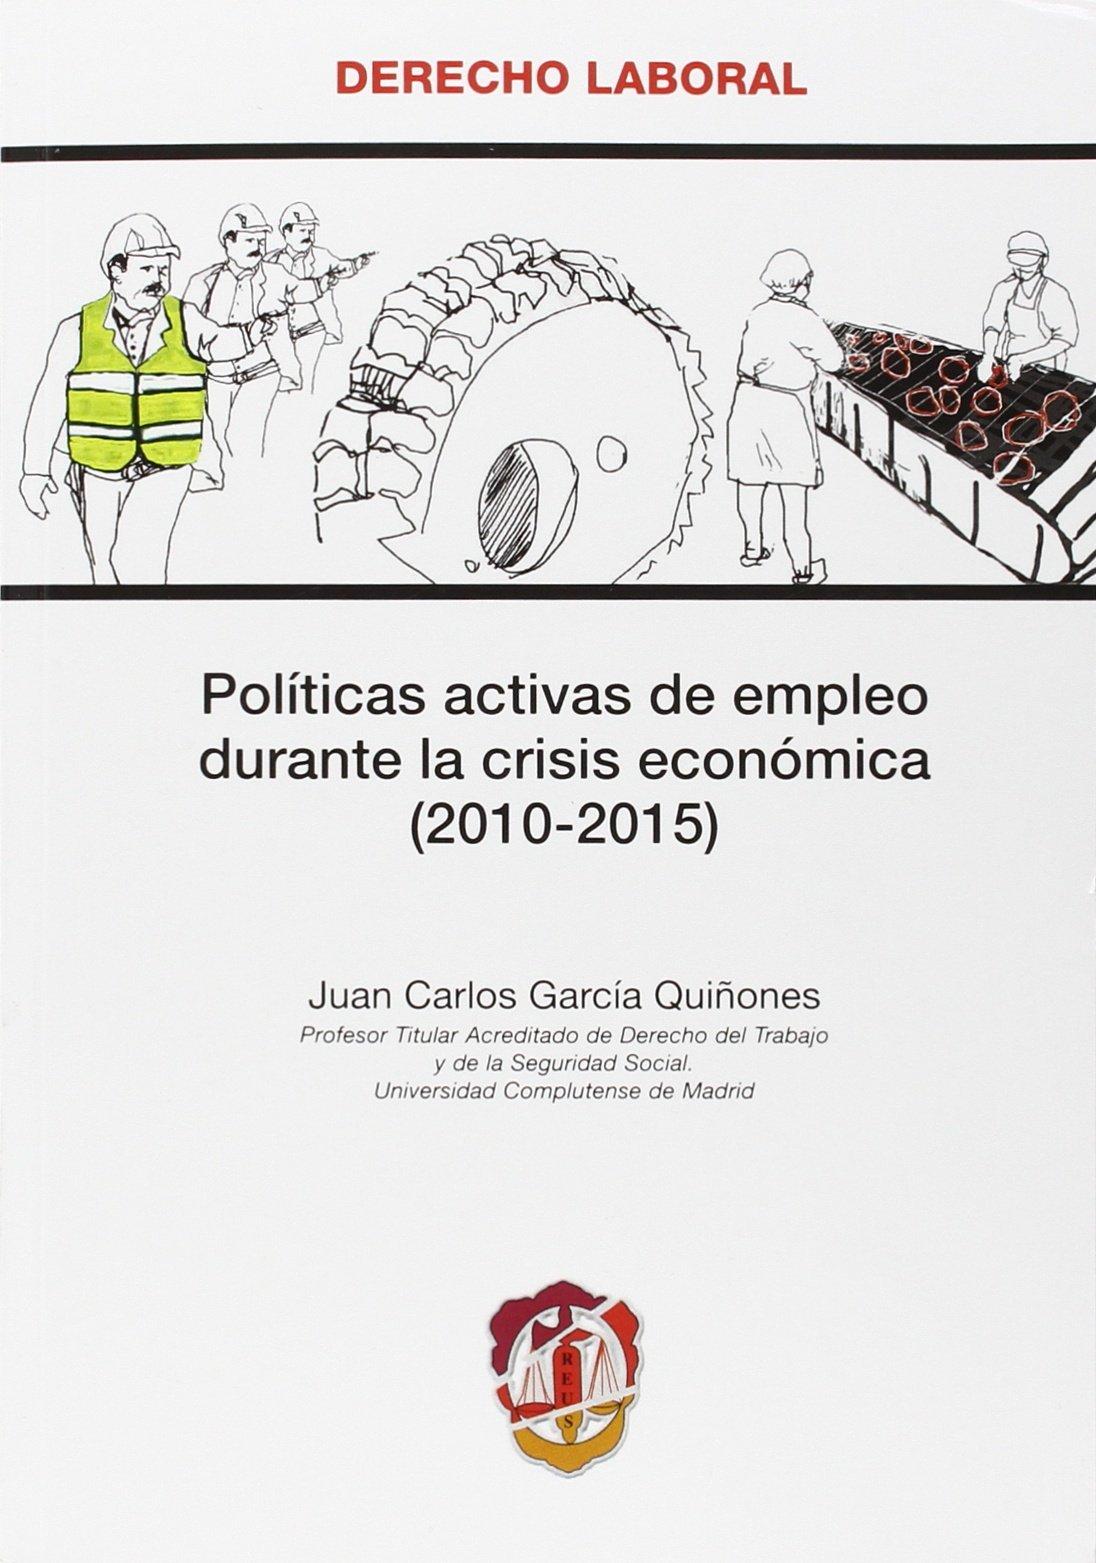 Políticas activas de empleo durante la crisis económica 2010-2015 Derecho laboral: Amazon.es: García Quiñones, Juan Carlos: Libros